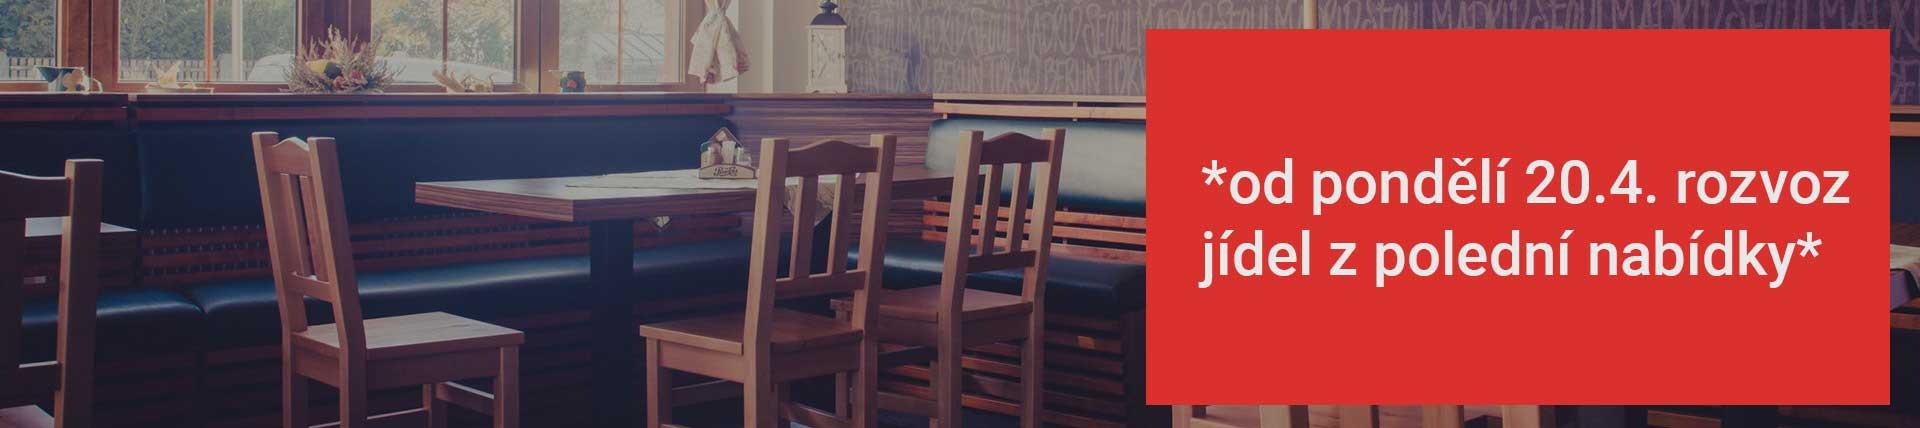 Masa připravovaná přímo na grilu i při objednávce při poledním menu.